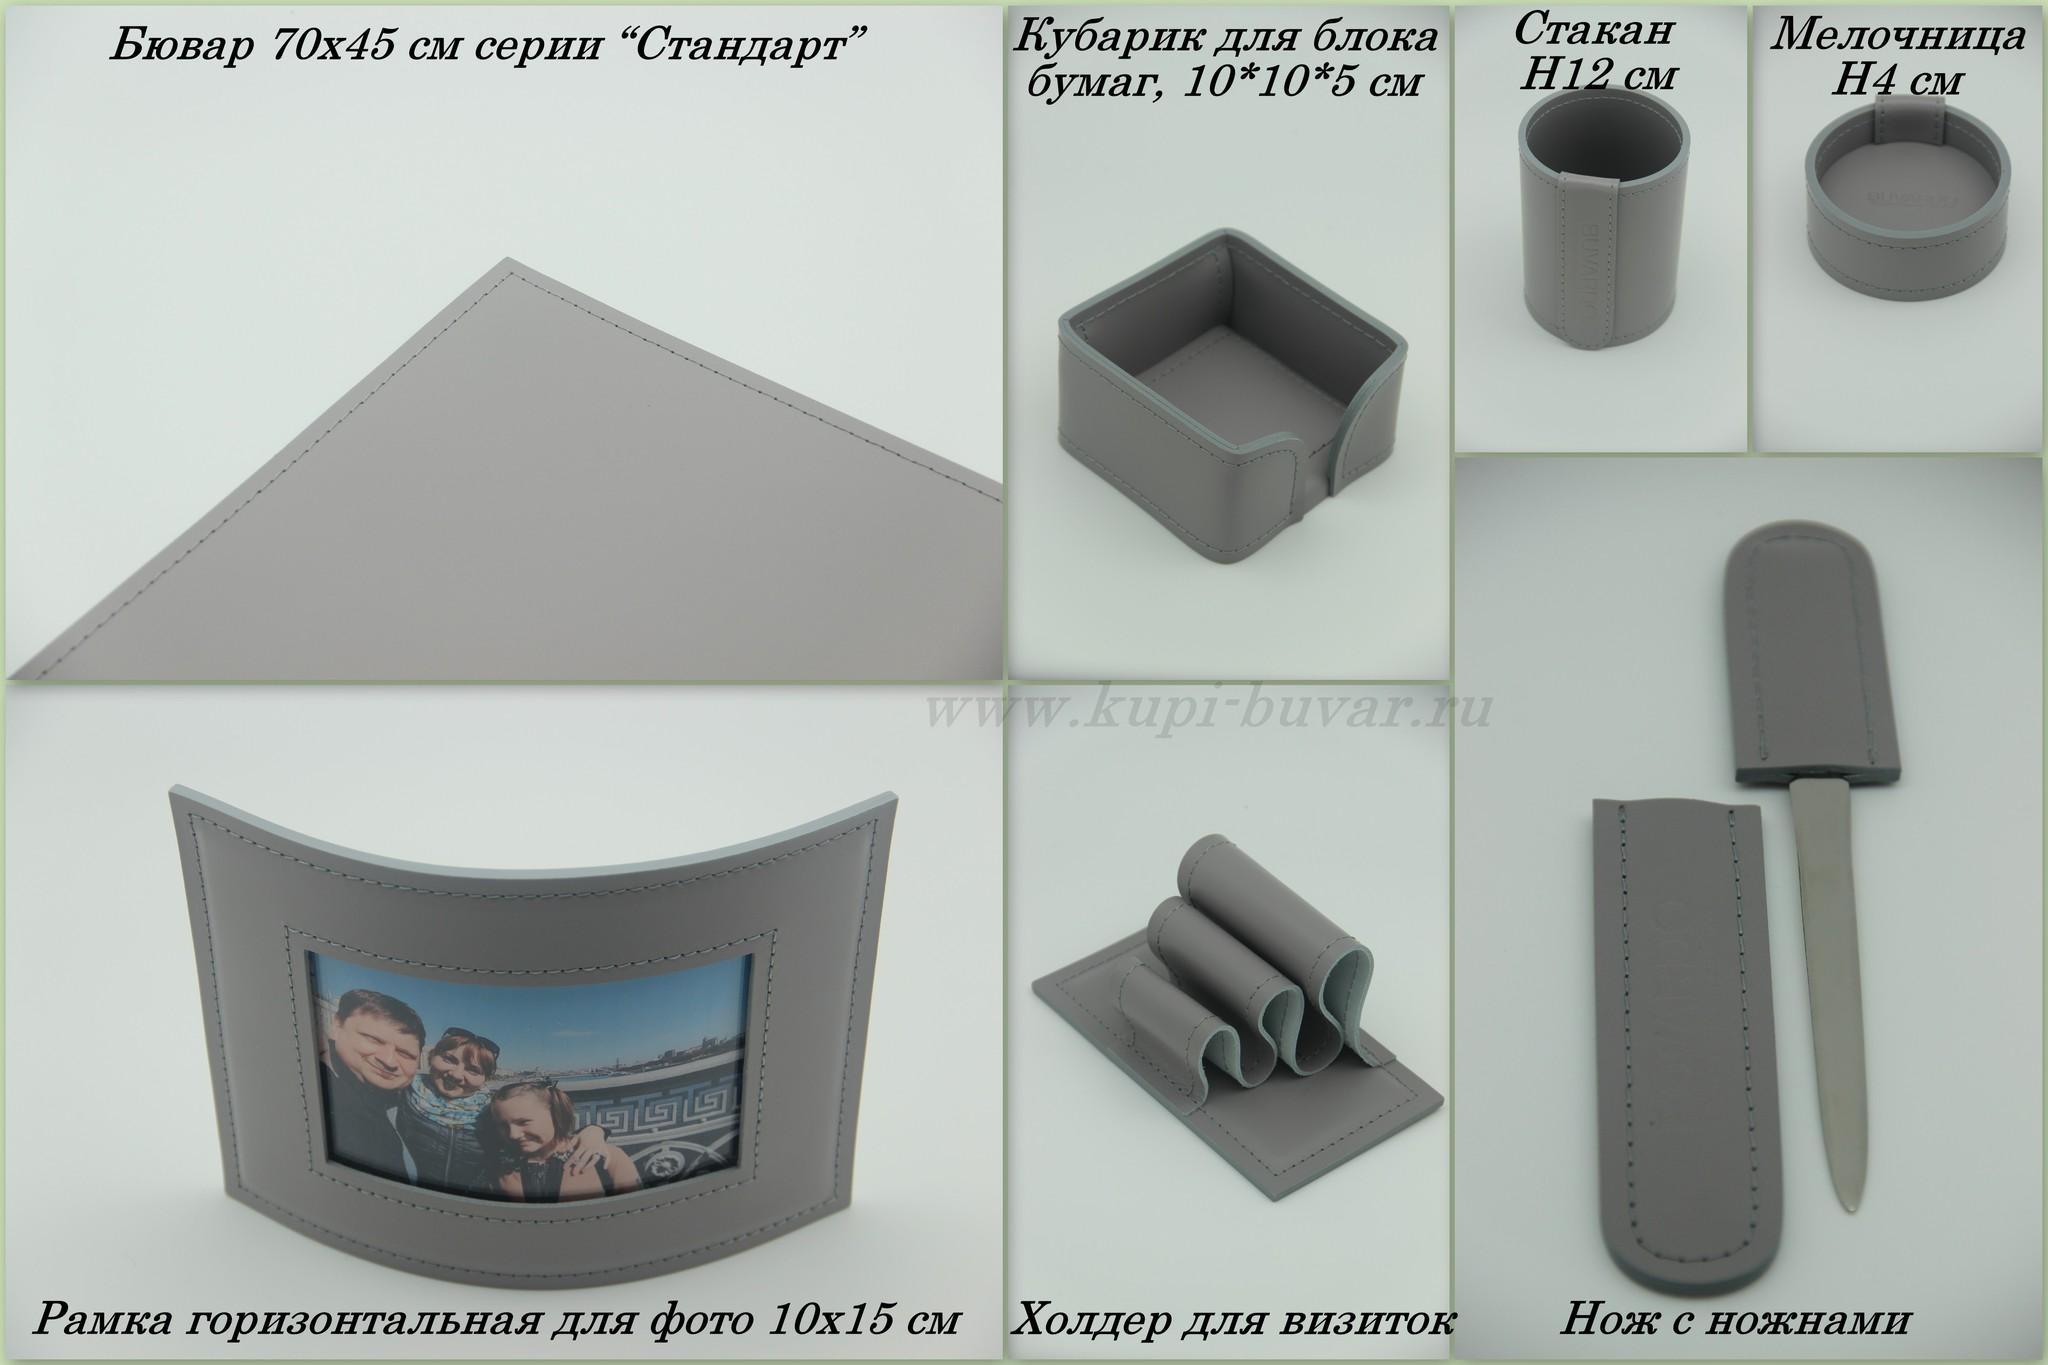 Состав набора арт.1029-СТ 7 предметов итальянская кожа Cuoietto цвет серый.